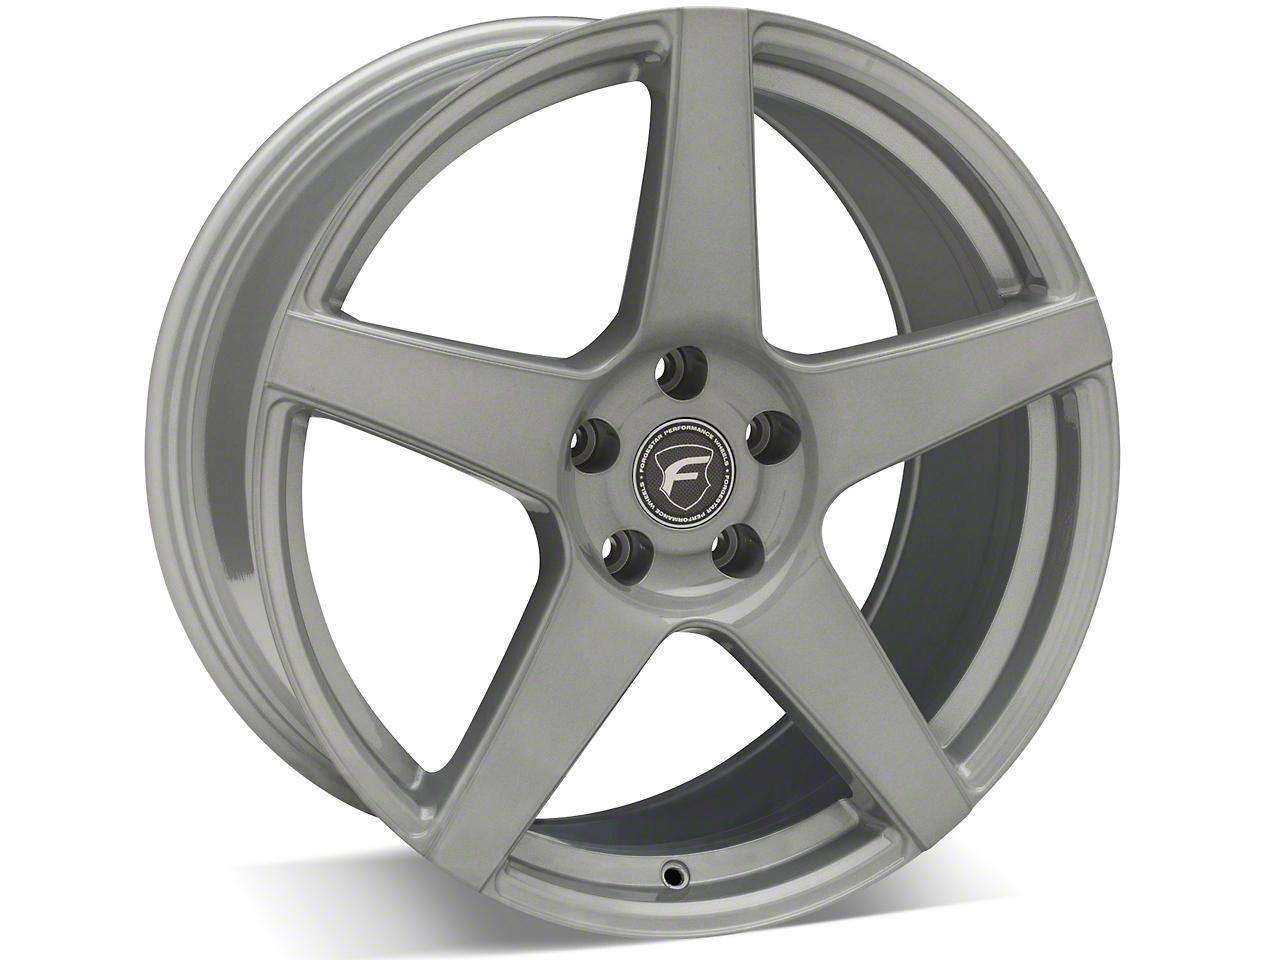 Forgestar CF5 Monoblock Silver Wheel - 19x9 (15-16 All)